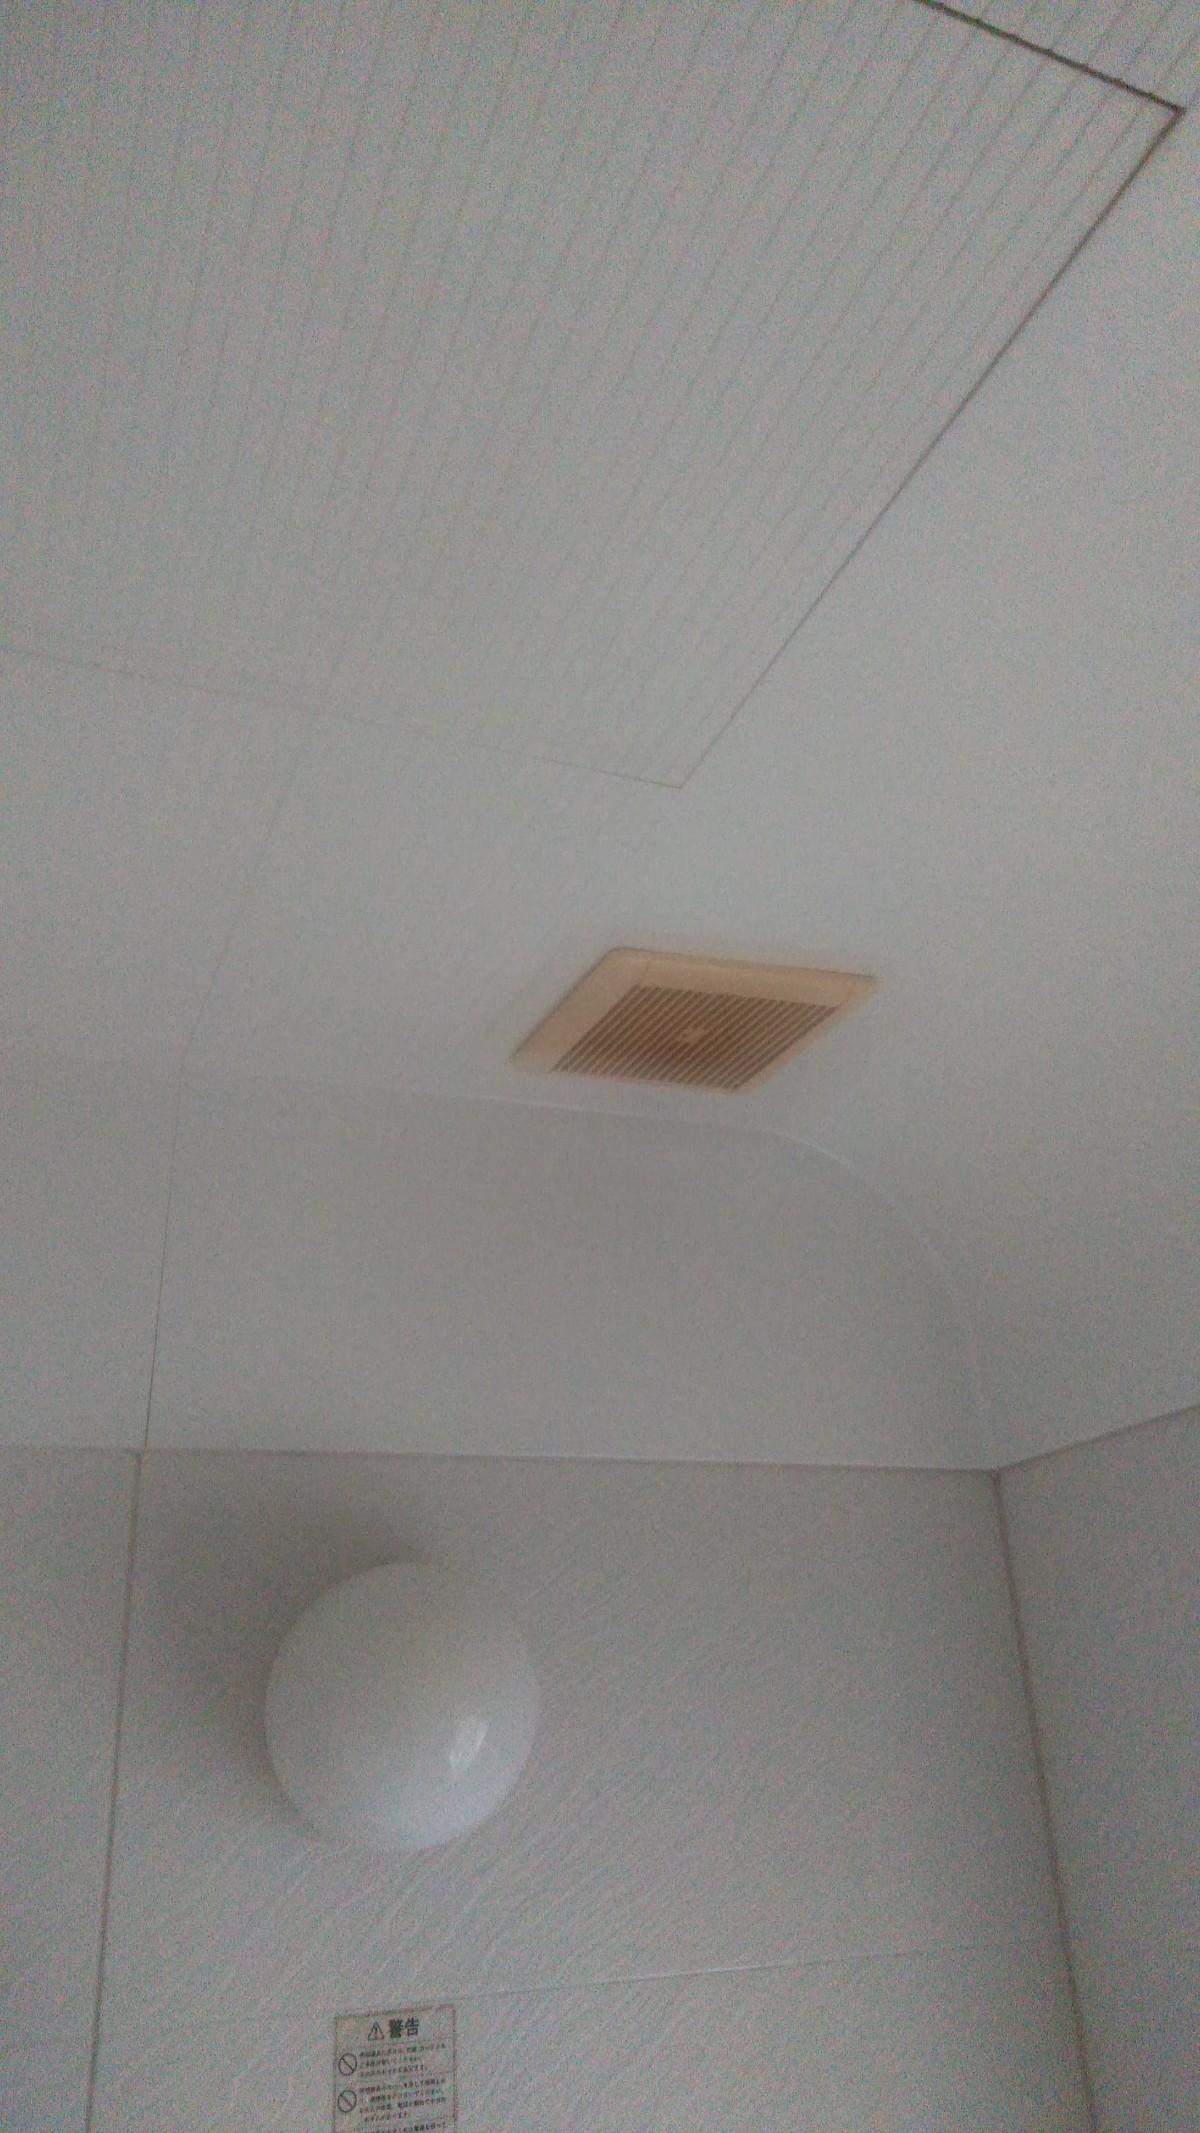 お風呂の天井の黒いカビを何とかしてほしい!After